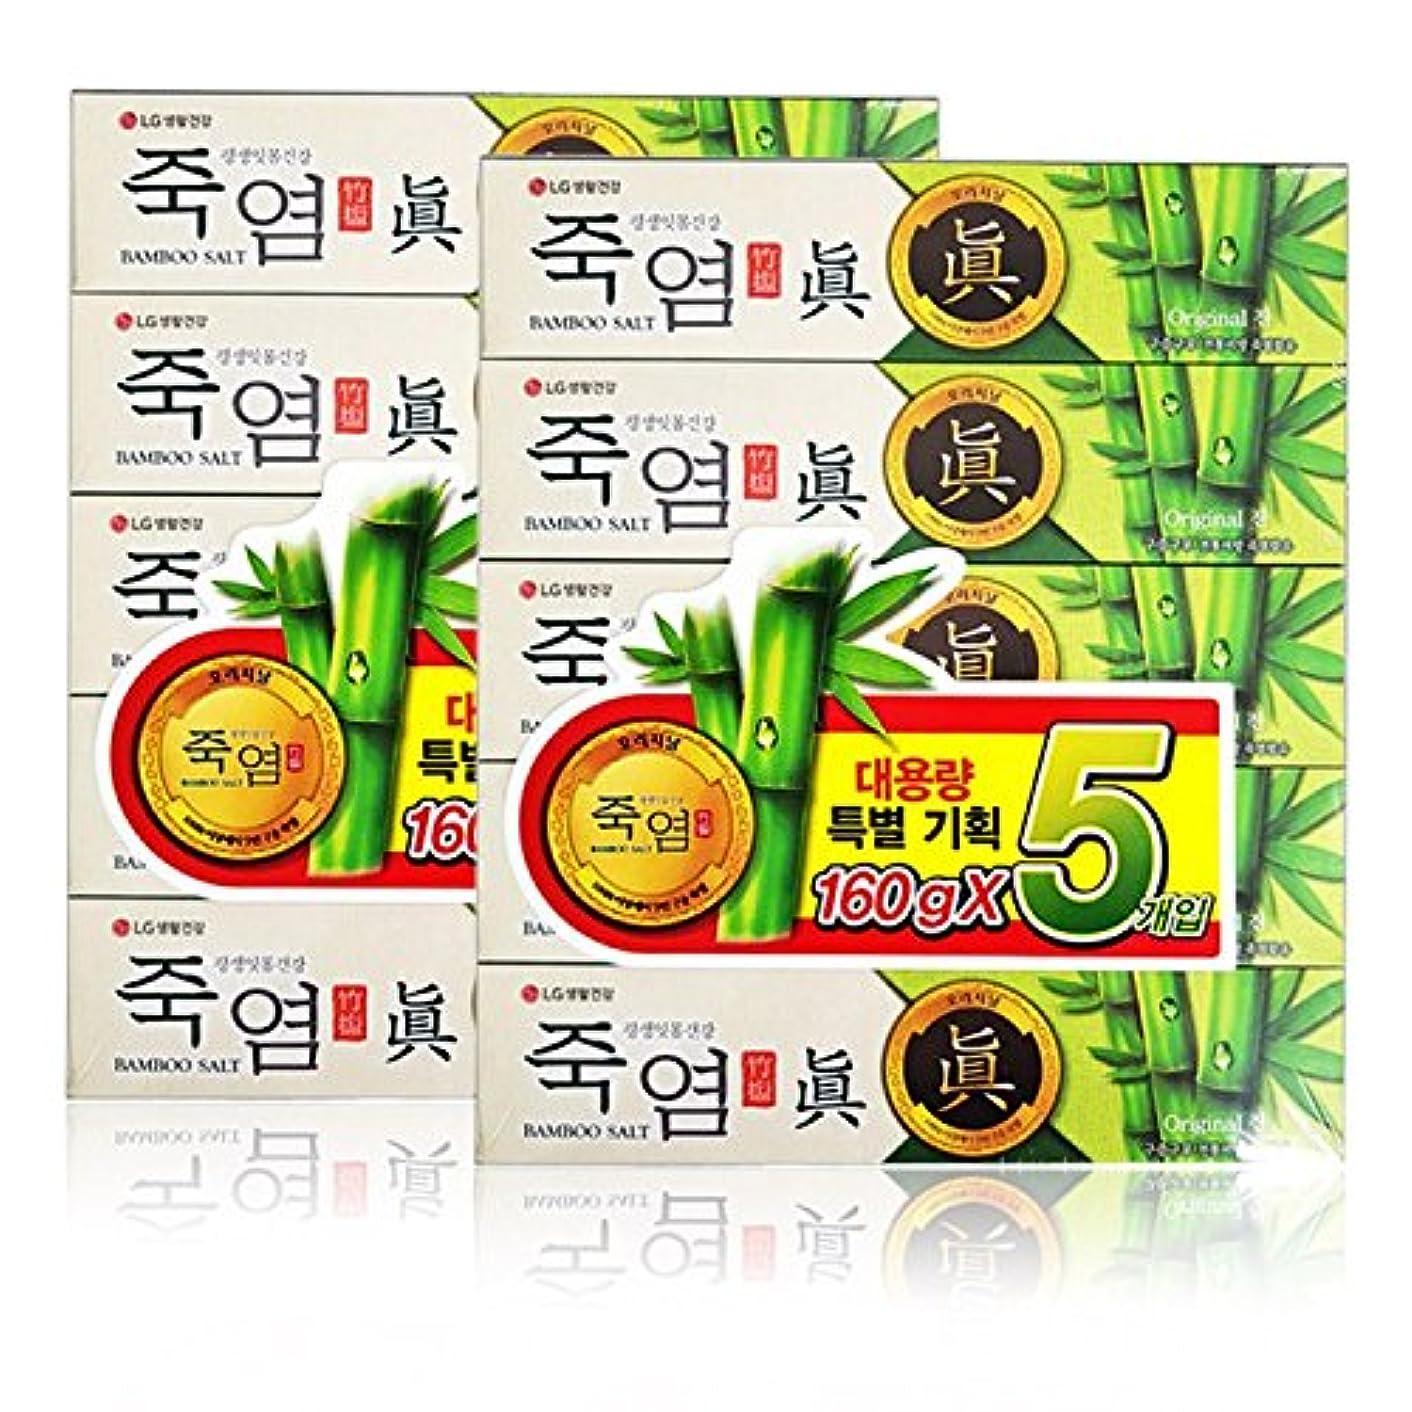 クラッシュ経験登山家[LG電子の生活と健康] LG 竹塩オリジナル歯磨き粉160g*10つの(海外直送品)